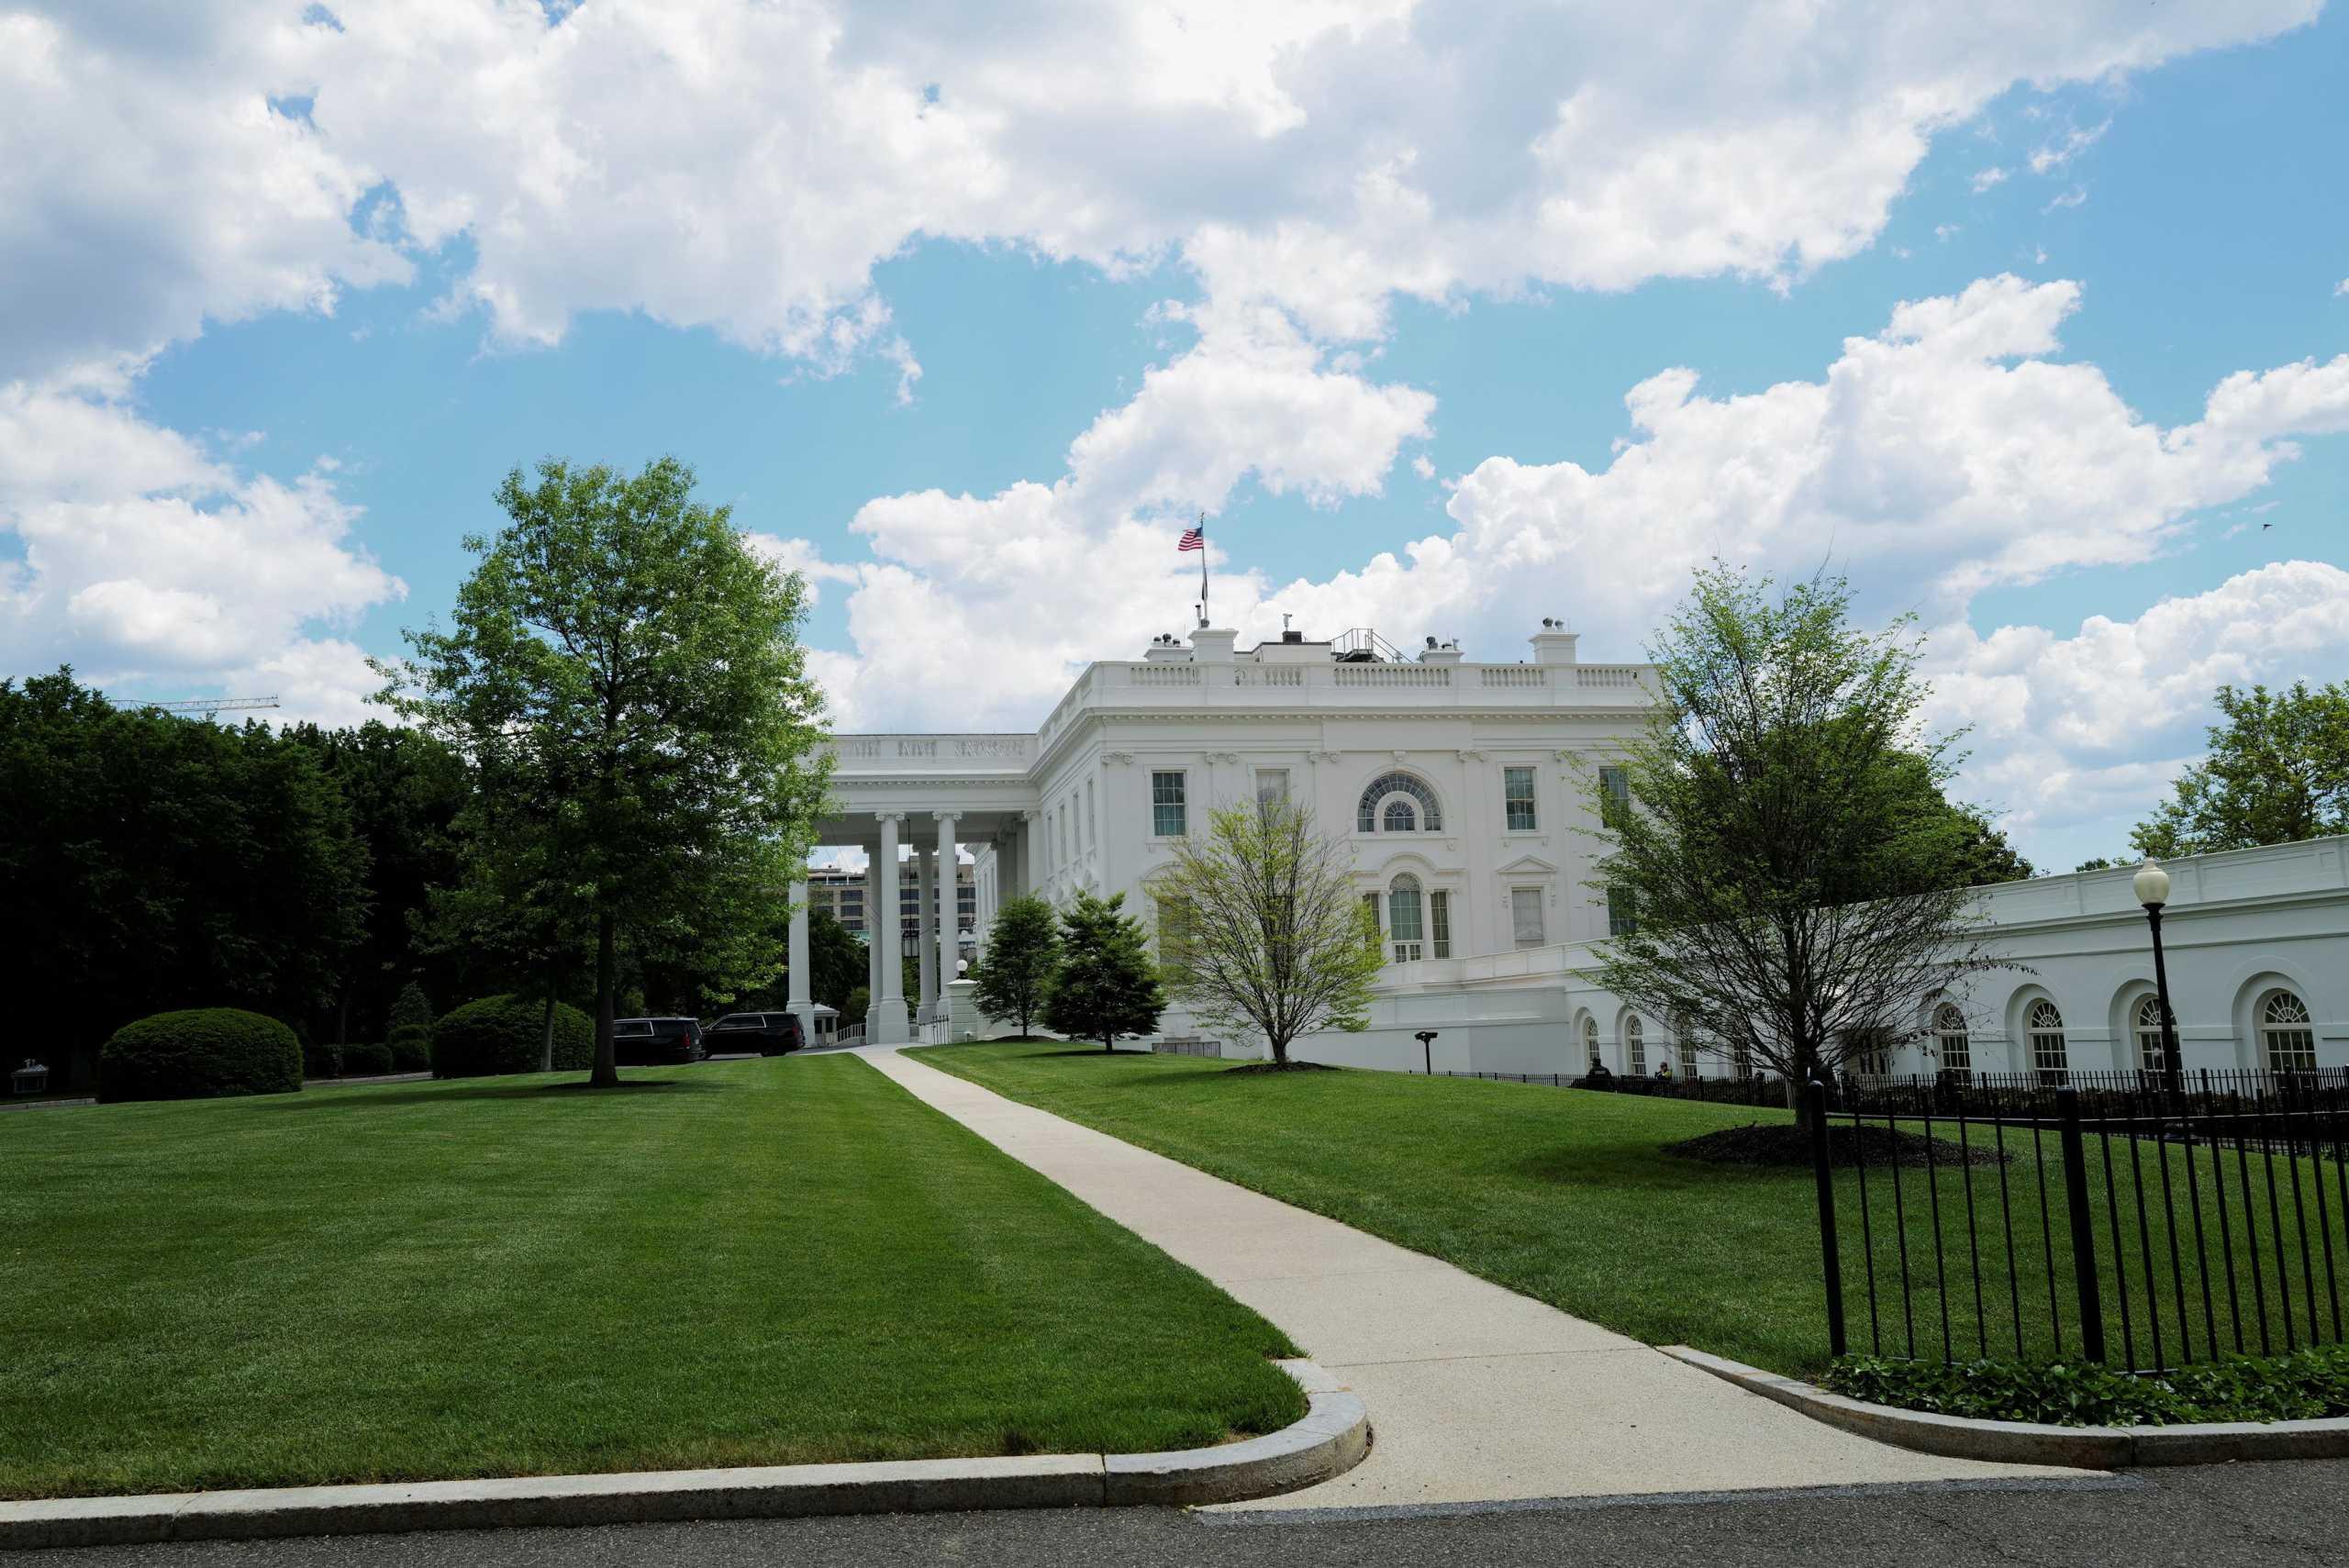 10 βρώμικα, δυσάρεστα και γελοία γεγονότα που δεν γνωρίζατε για τους Προέδρους των ΗΠΑ